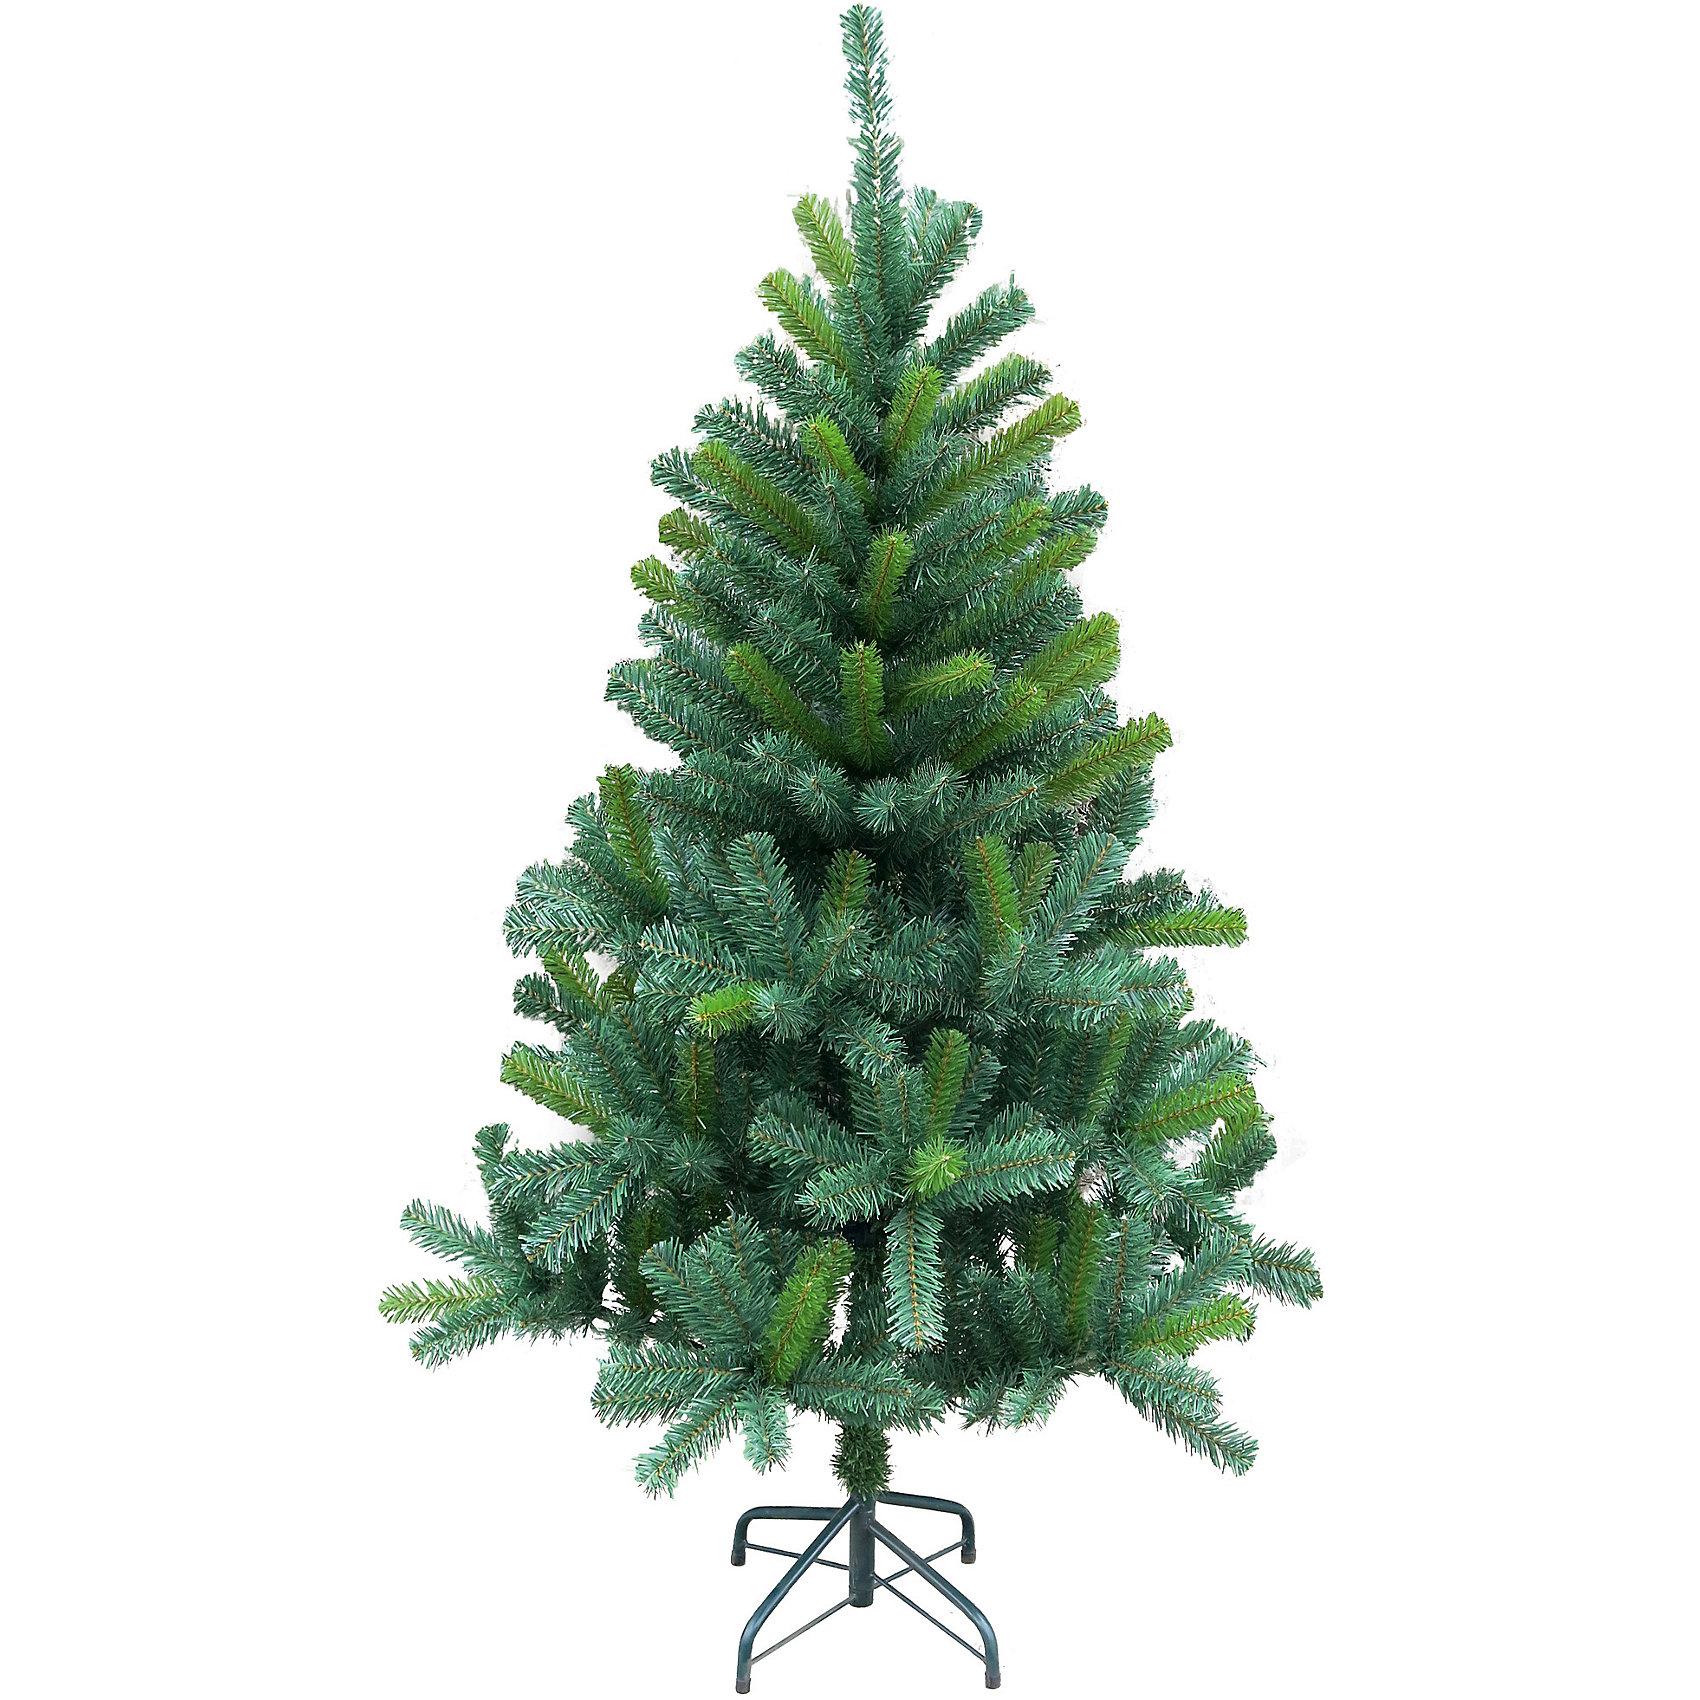 Новогодняя ель 150 см, диаметр 89 смНовогодняя ель, Волшебная страна - прекрасная альтернатива живой елке, она не требует специального ухода, компактна и удобная для хранения. Елочка изготовлена из качественного пластика с высокой степенью детализации и полностью похожа на настоящее живое дерево. Крона состоит из 373 веток с густой хвоей насыщенного темно-зеленого цвета, имеется удобная подставка.<br><br>Дополнительная информация:<br><br>- В комплекте: 3 шт.<br>- Материал: пластик.<br>- Высота елки: 150 см.<br>- Диаметр: 89 см.<br>- Размер упаковки: 90 x 20 x 20 см.<br>- Вес: 2,7 кг. <br><br>Новогоднюю ель, Волшебная страна, можно купить в нашем интернет-магазине.<br><br>Ширина мм: 900<br>Глубина мм: 200<br>Высота мм: 200<br>Вес г: 2700<br>Возраст от месяцев: 36<br>Возраст до месяцев: 2147483647<br>Пол: Унисекс<br>Возраст: Детский<br>SKU: 4288600